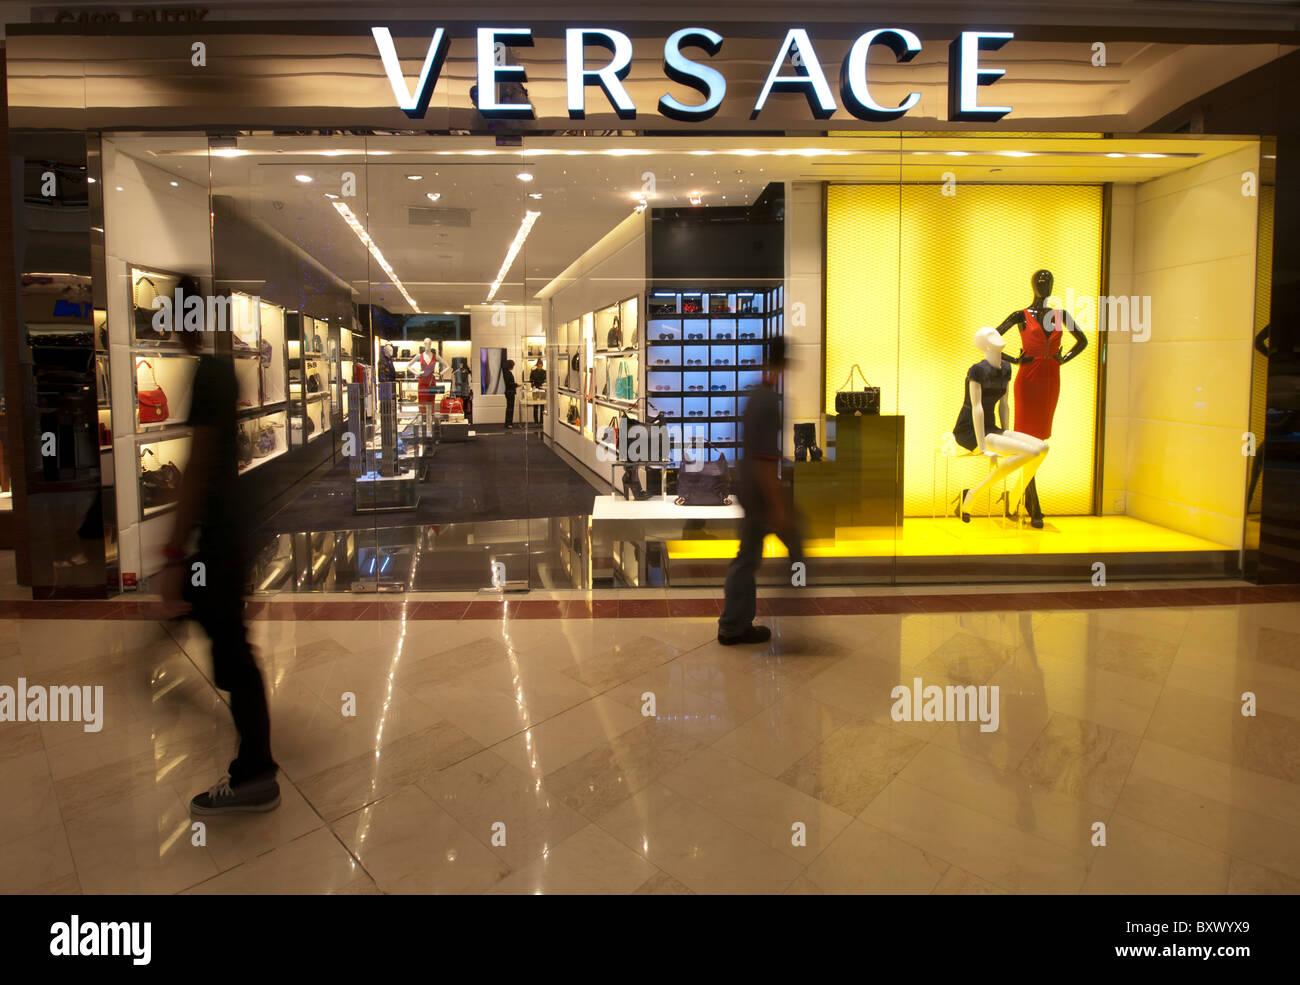 96bf6b2cc3b5 Versace store in Suria KLCC mall in Kuala Lumpur Malaysia - Stock Image